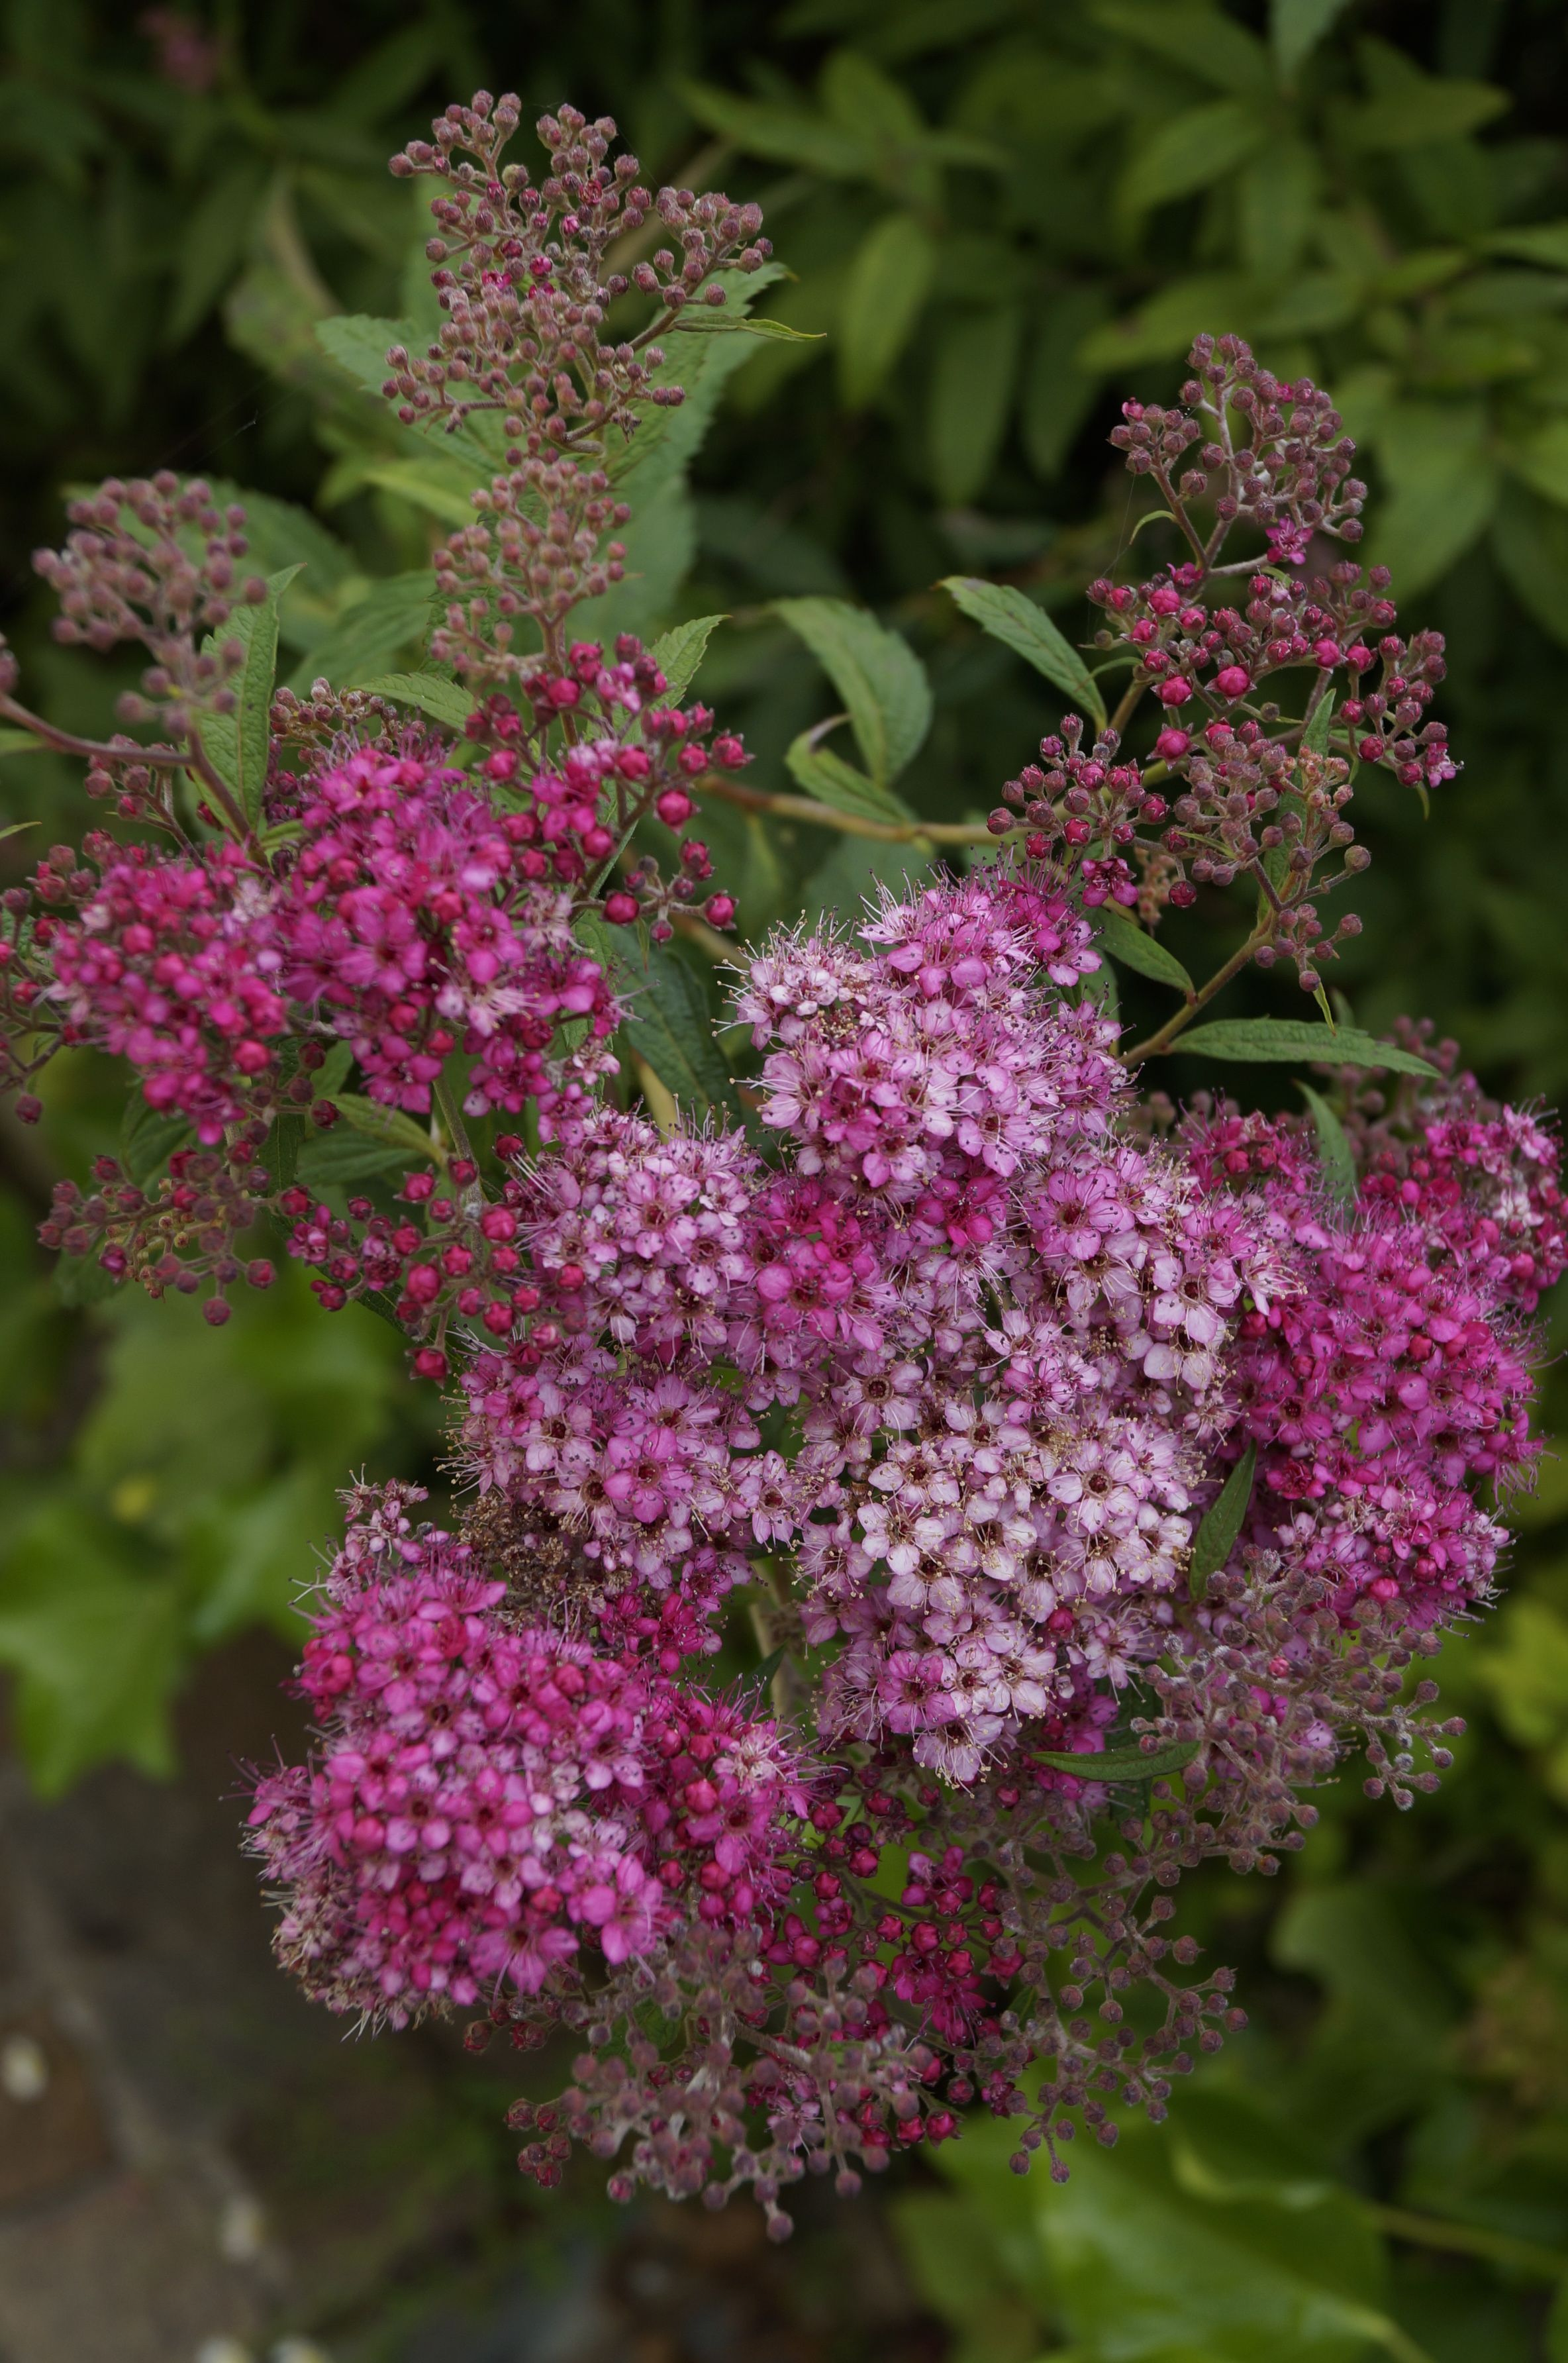 Pin Von Minou Auf Welcome To Casa Minou Garten